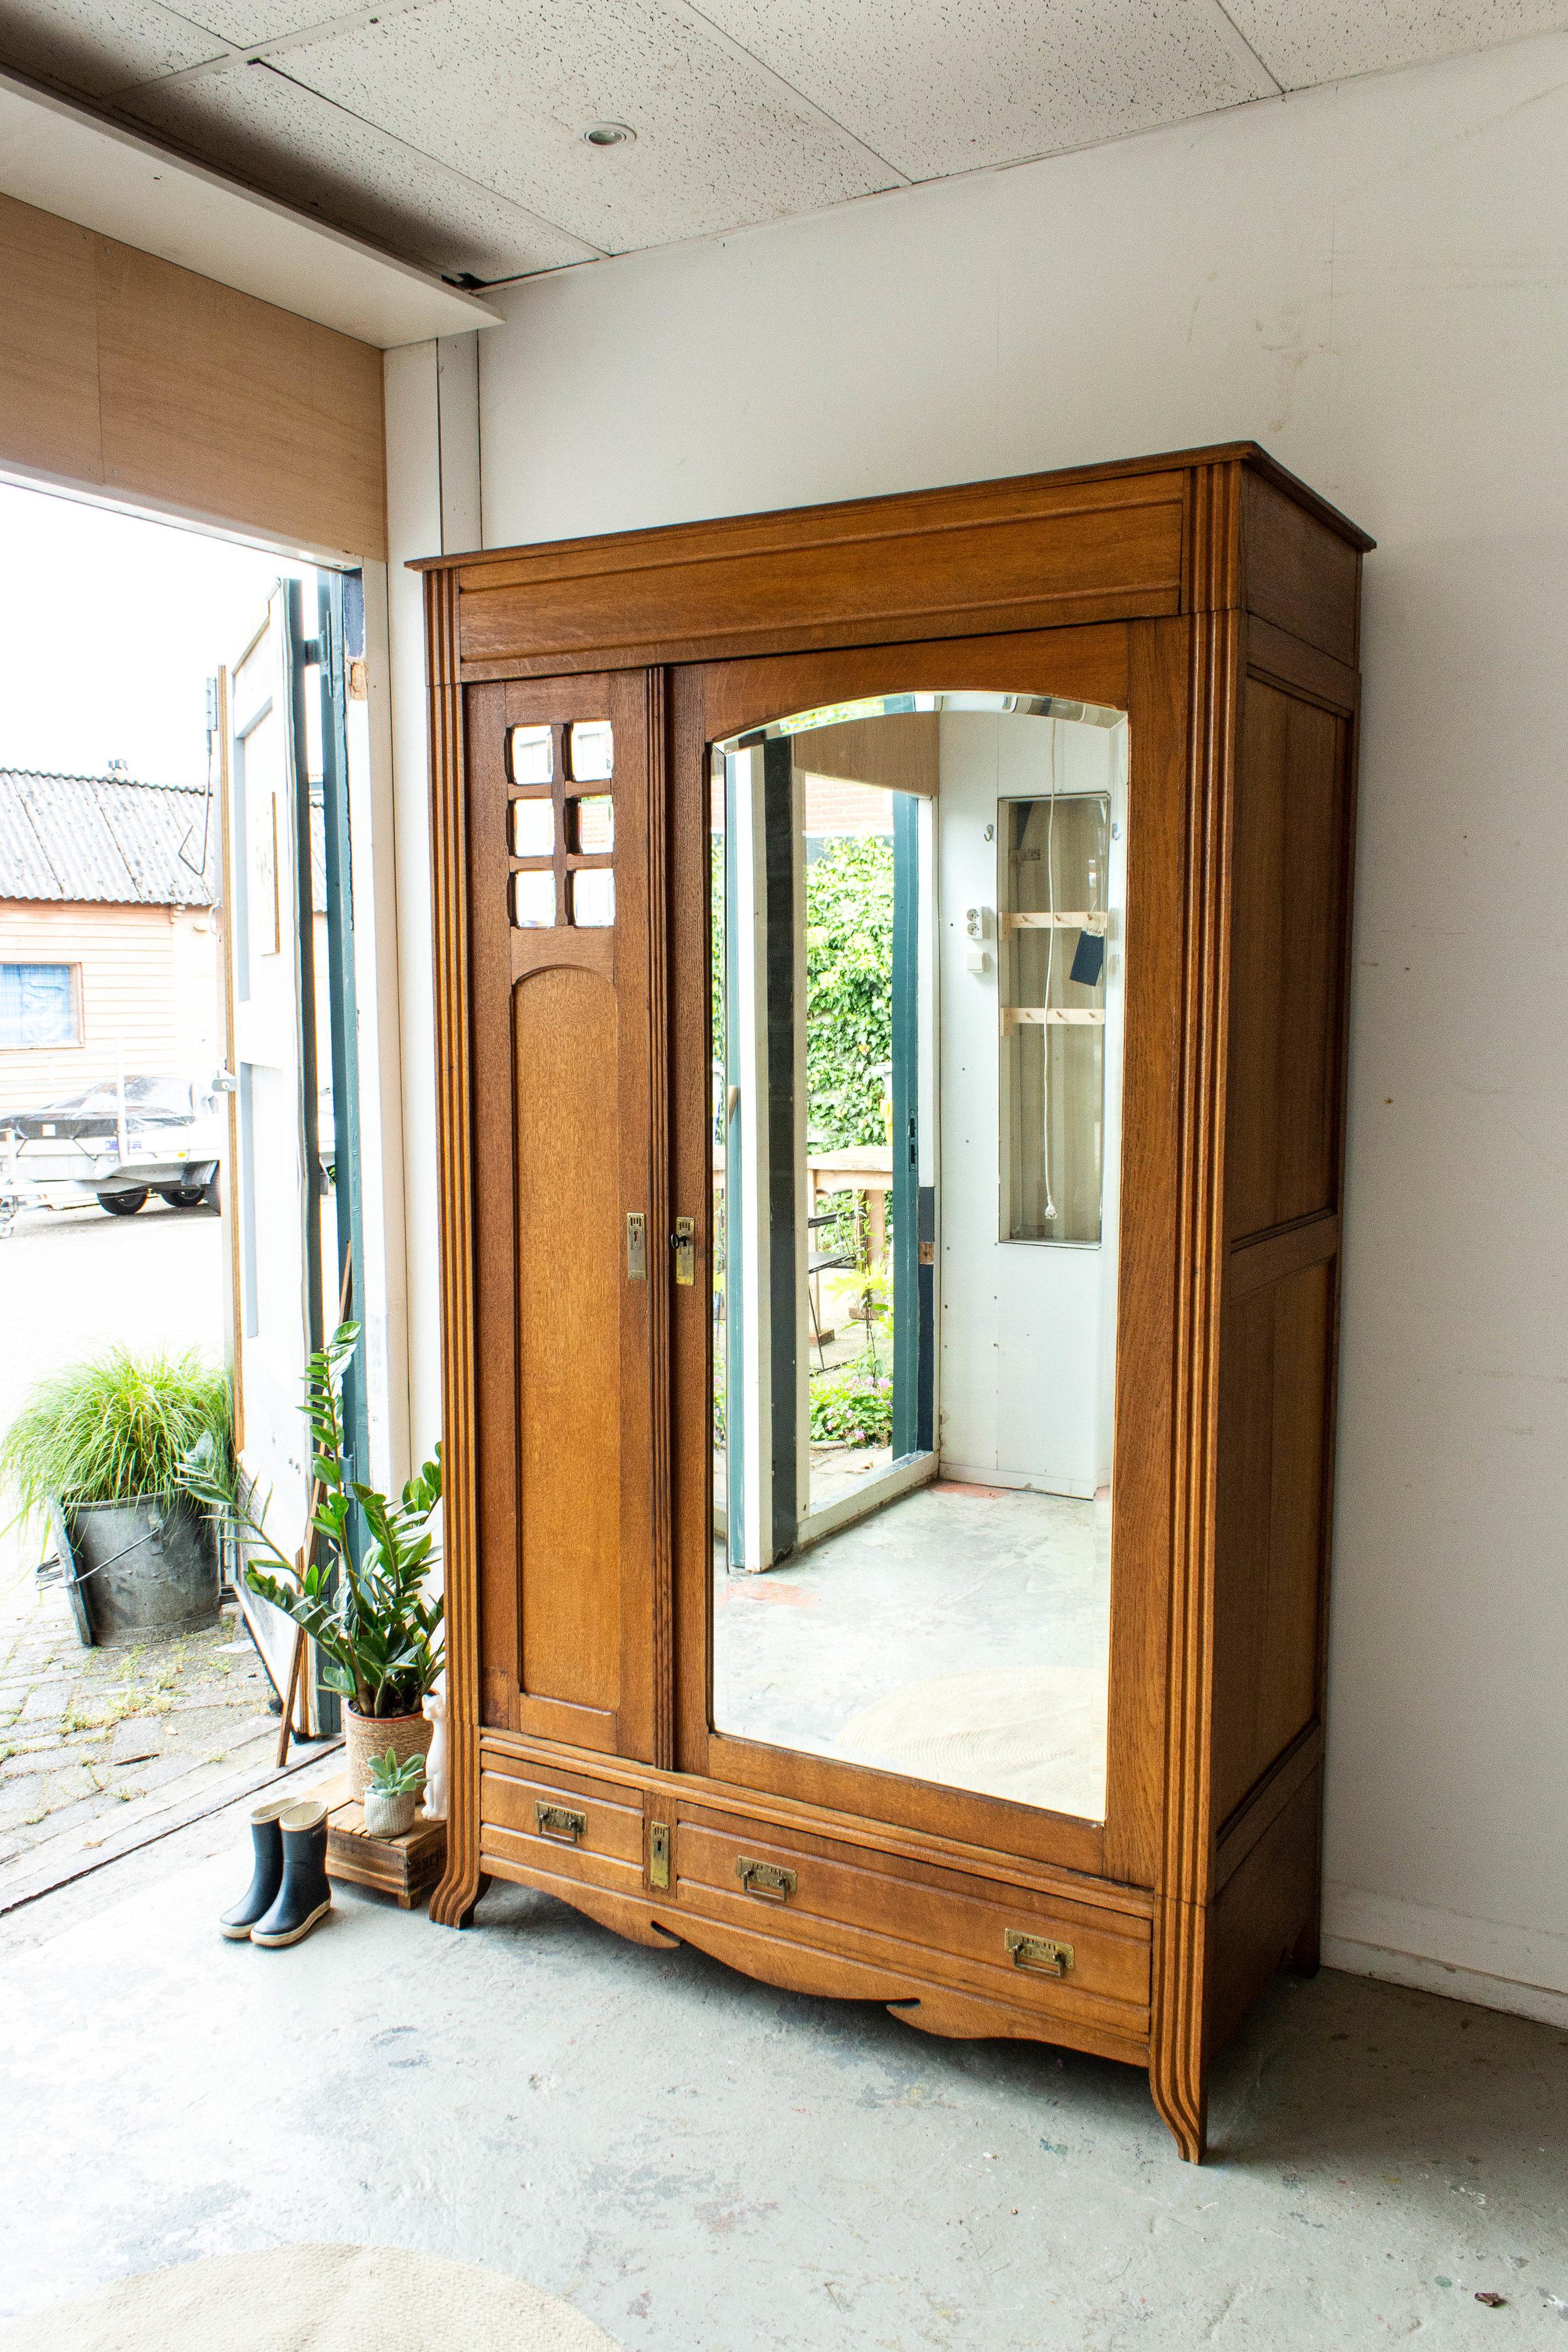 1558 - Demontabele vintage spiegelkast met vierkantjes.jpg